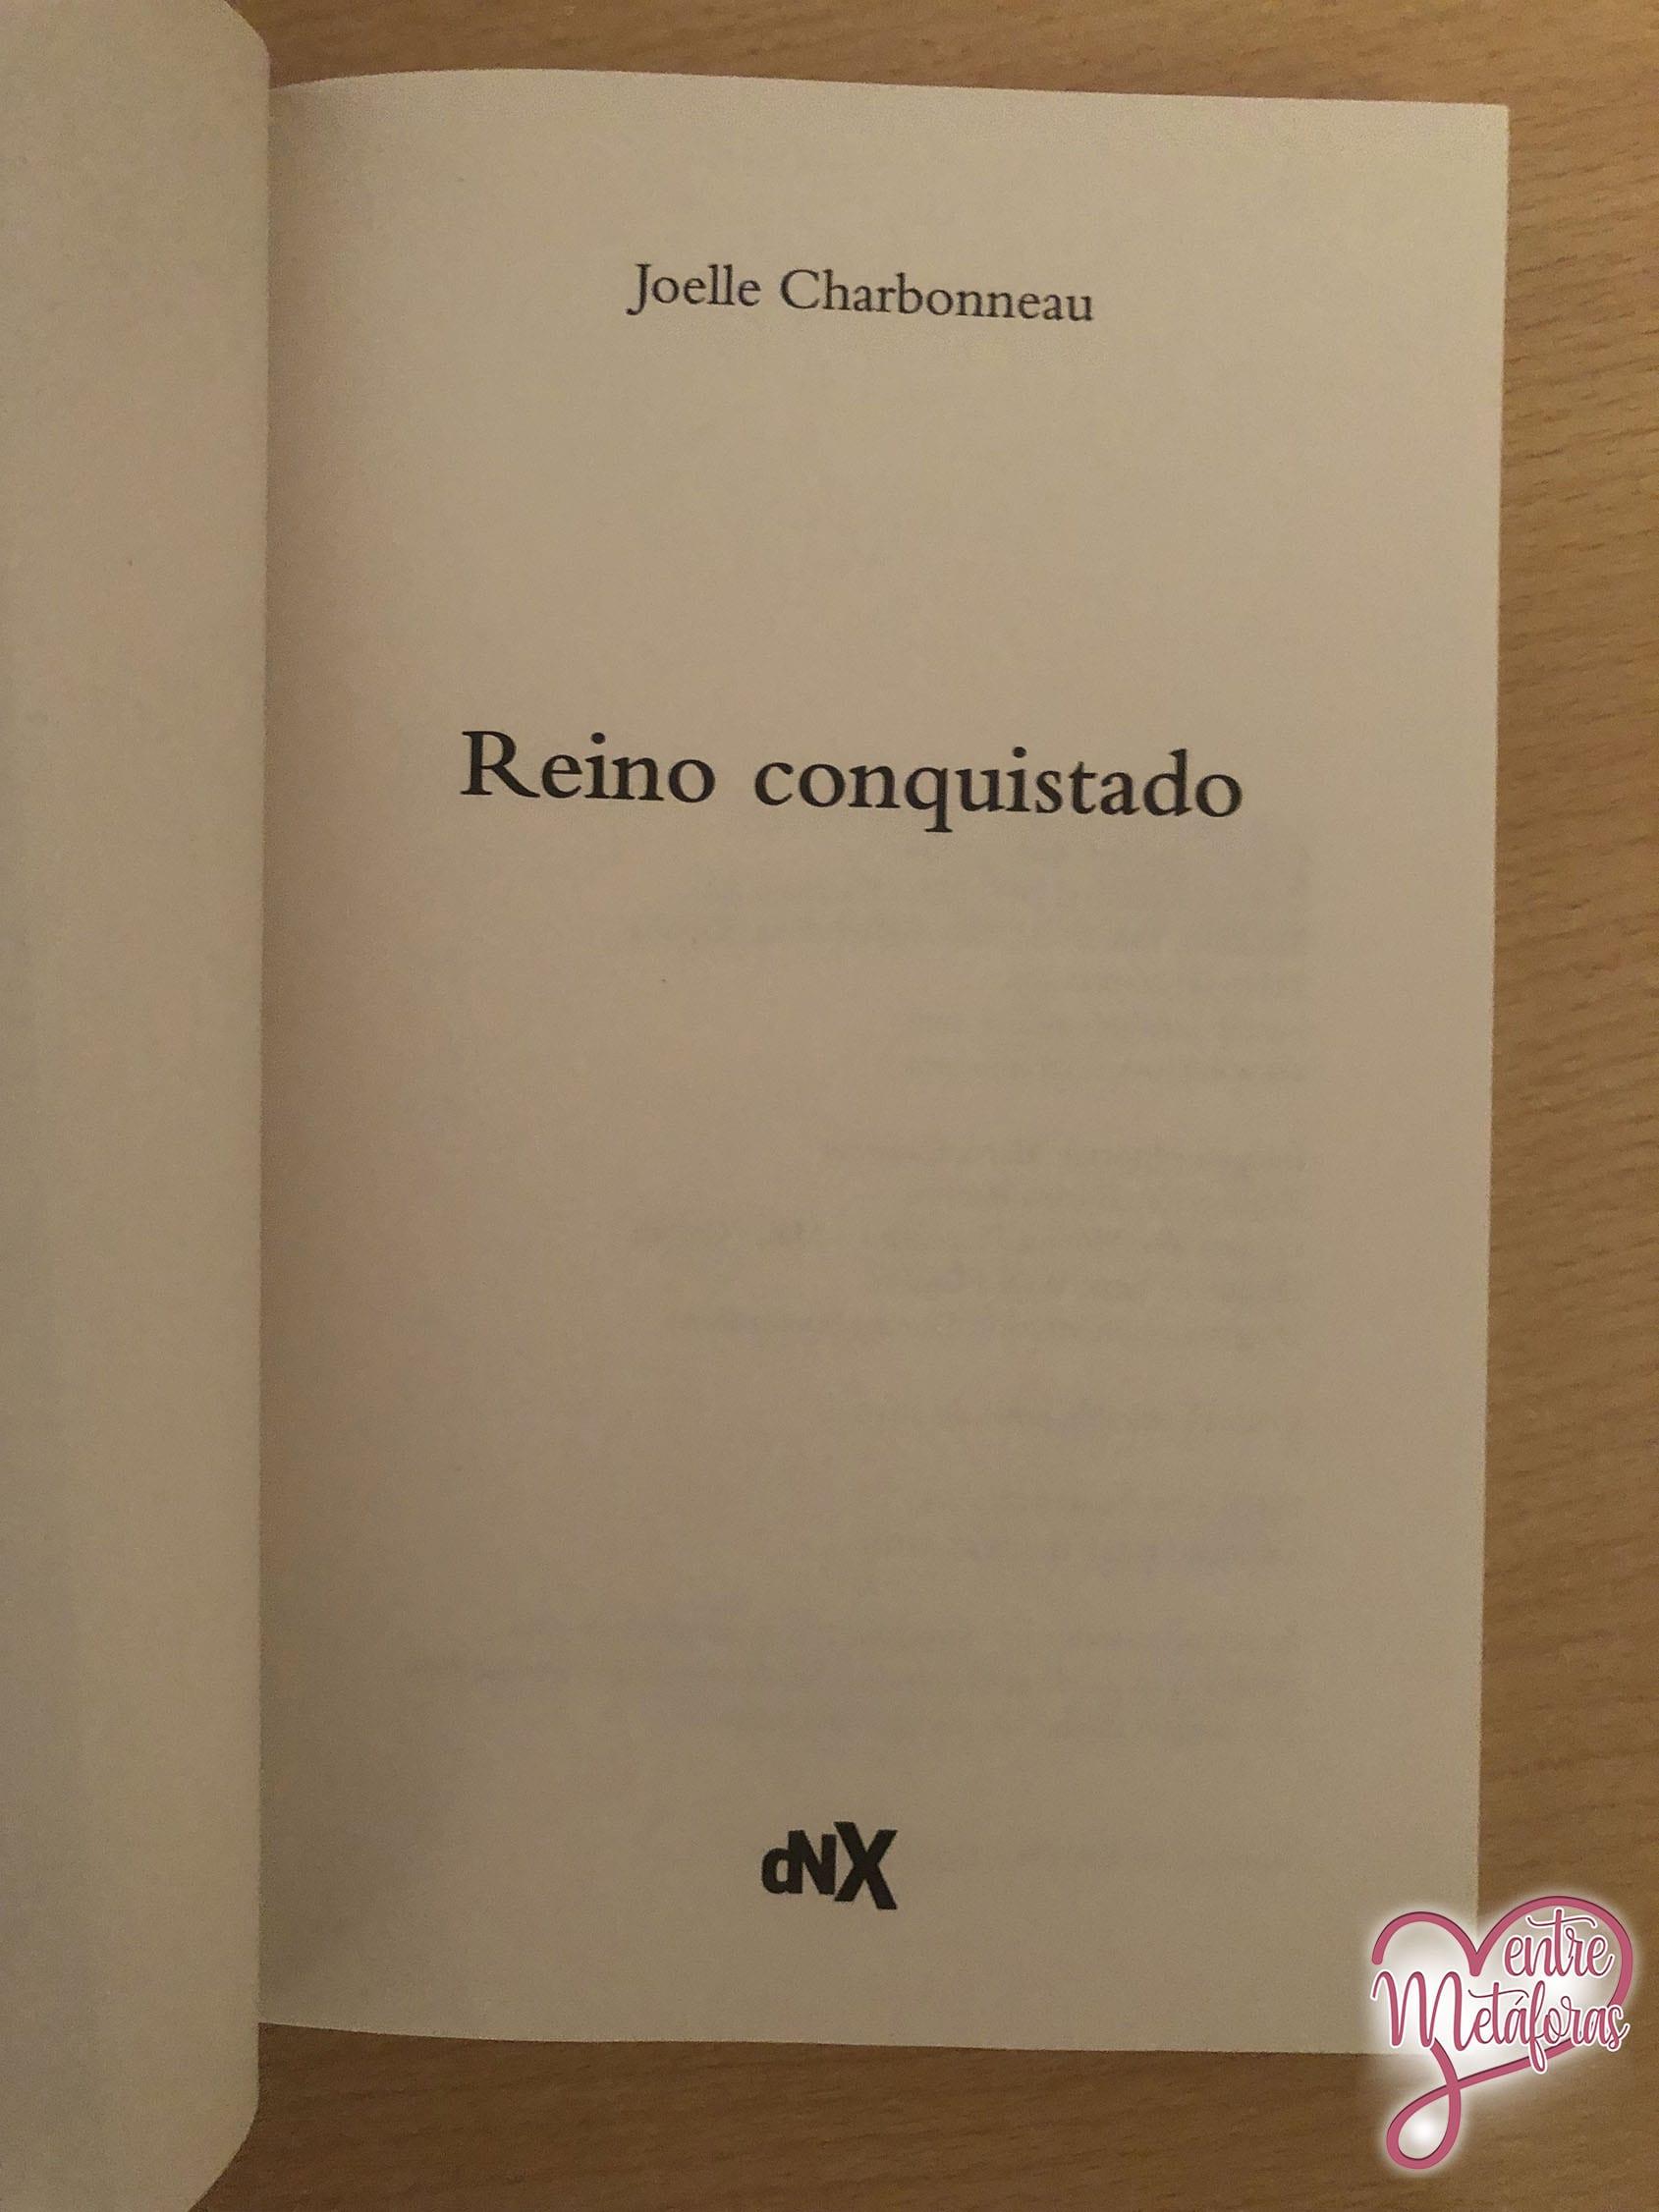 Reino conquistado, de Joelle Charbonneau - Reseña